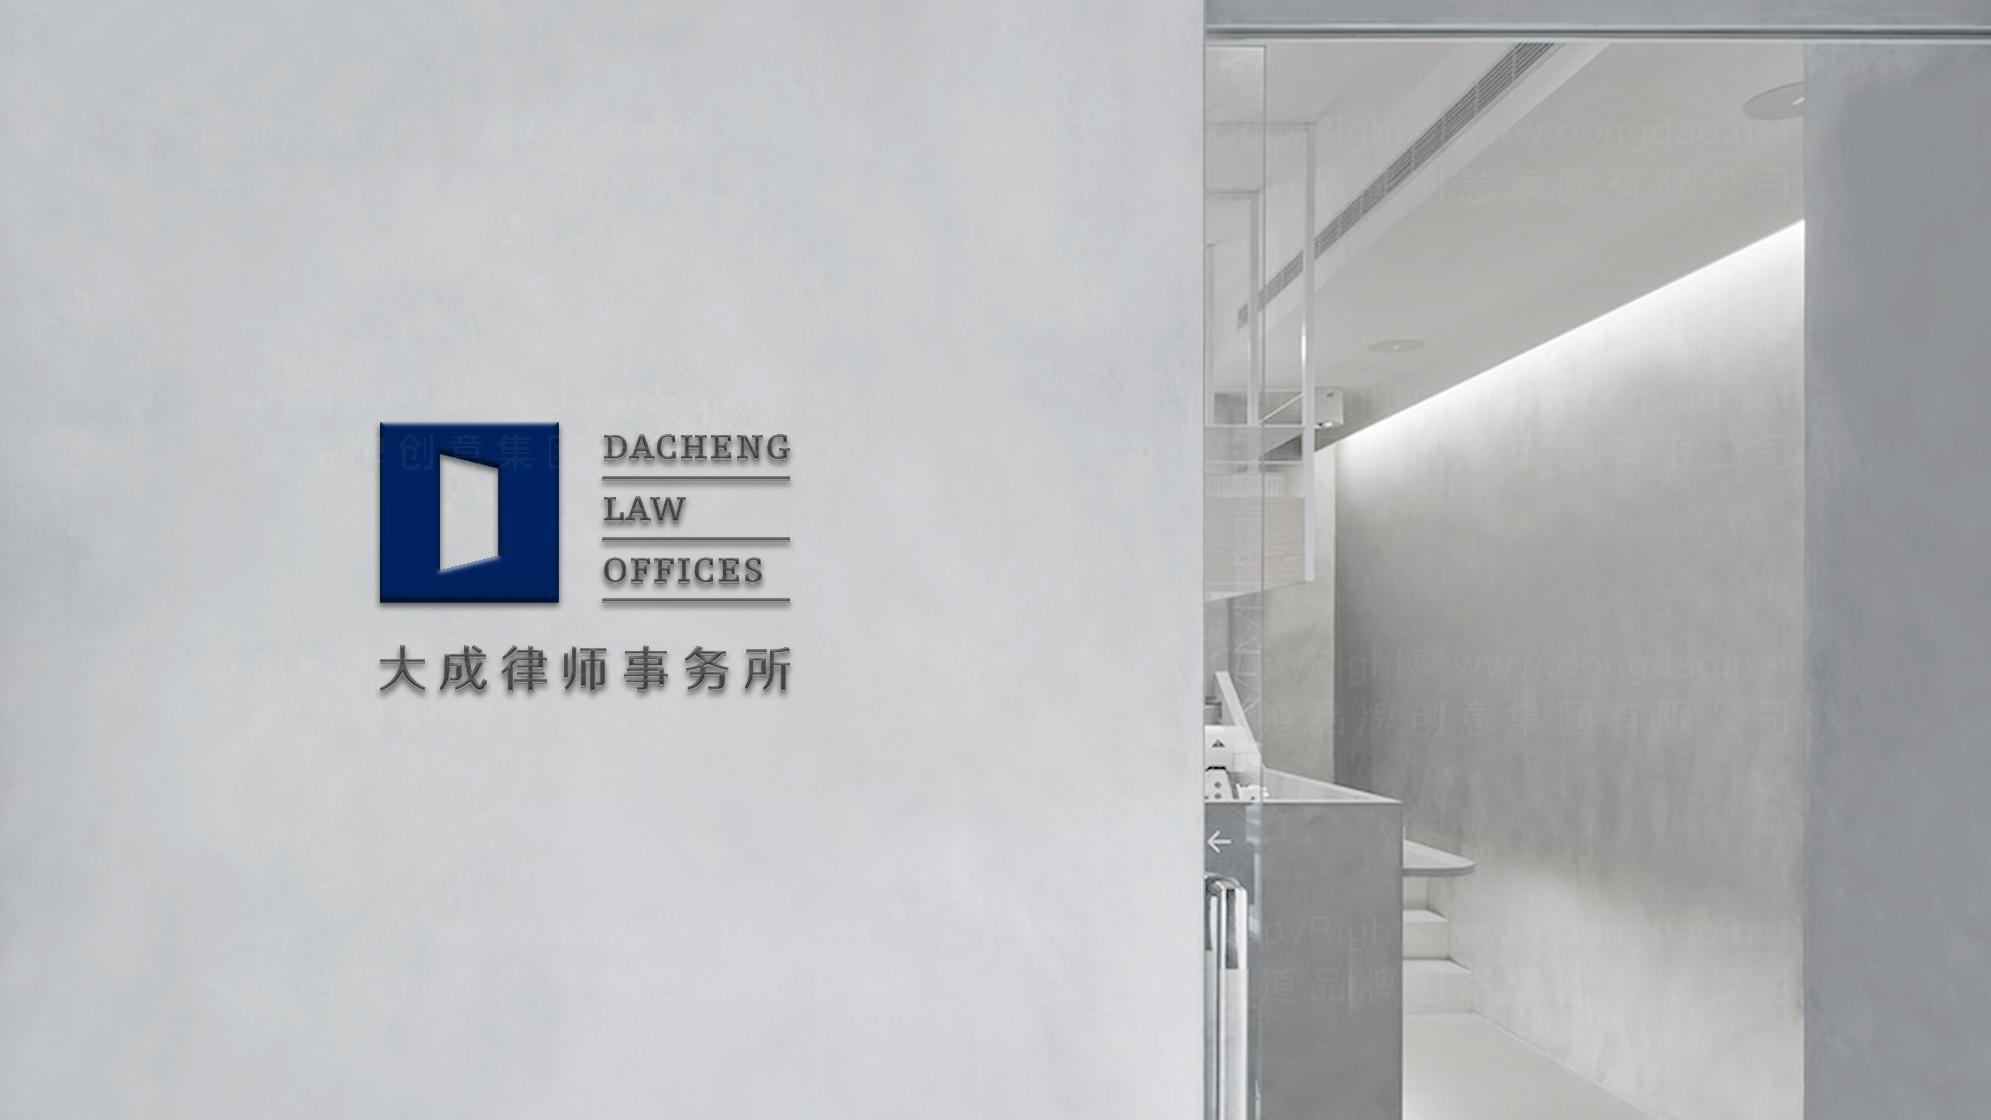 品牌设计大成律师事务所标志设计应用场景_5